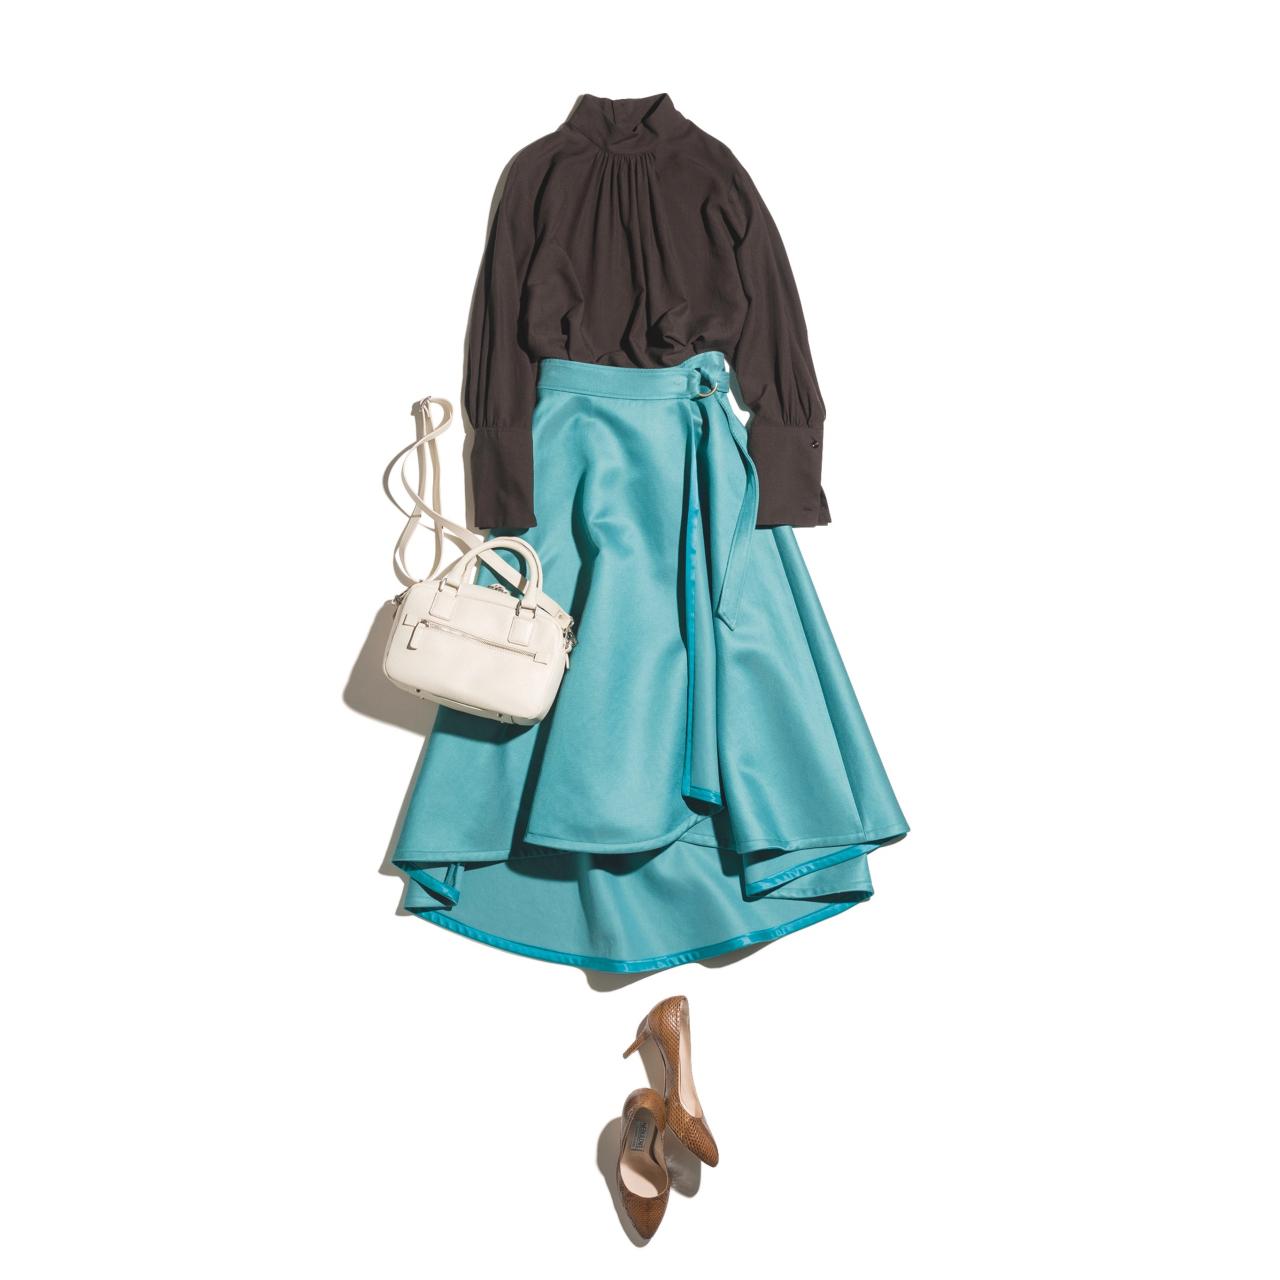 ブラウントップス×ターコイズグリーンのスカートコーデ